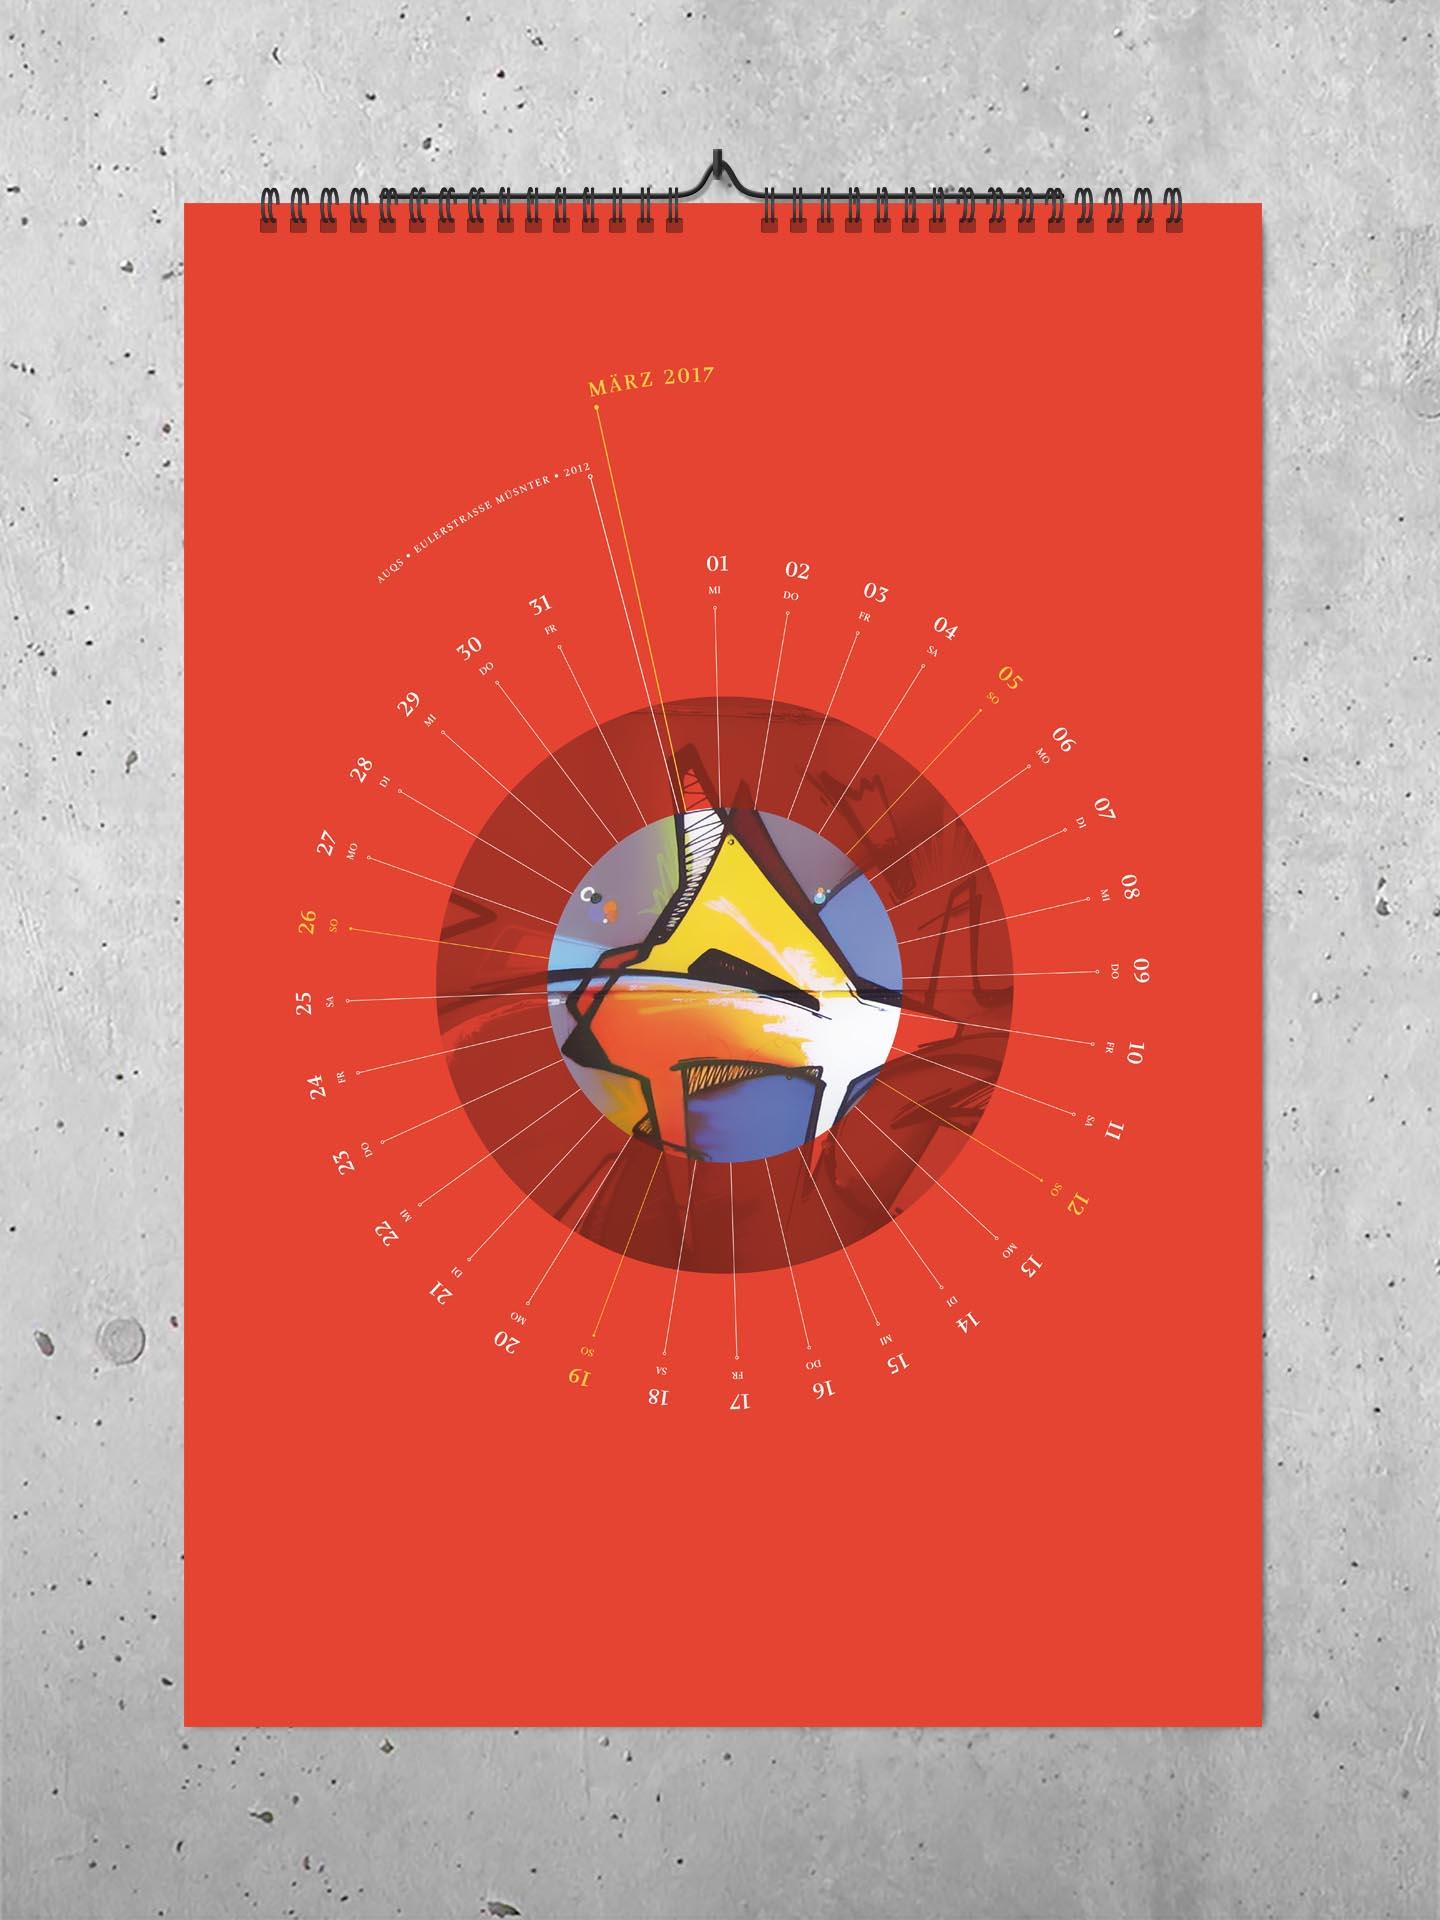 Kalender mit Graffiti und Design vom Künstler Auckz